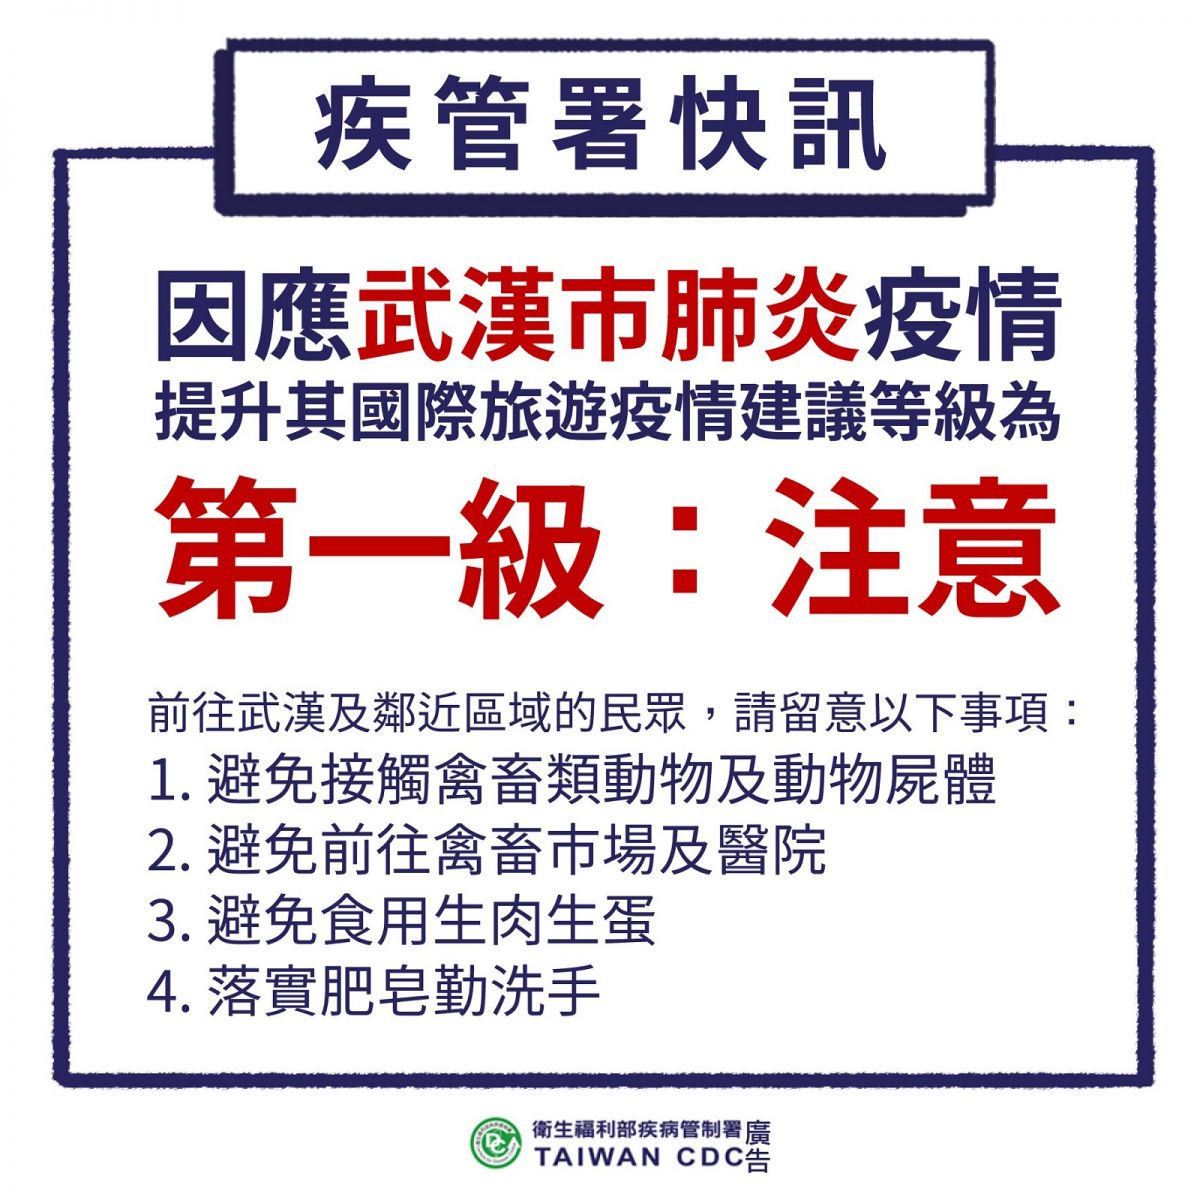 中國武漢不明肺炎疫情延燒 疾管署列旅遊疫情第一級注意